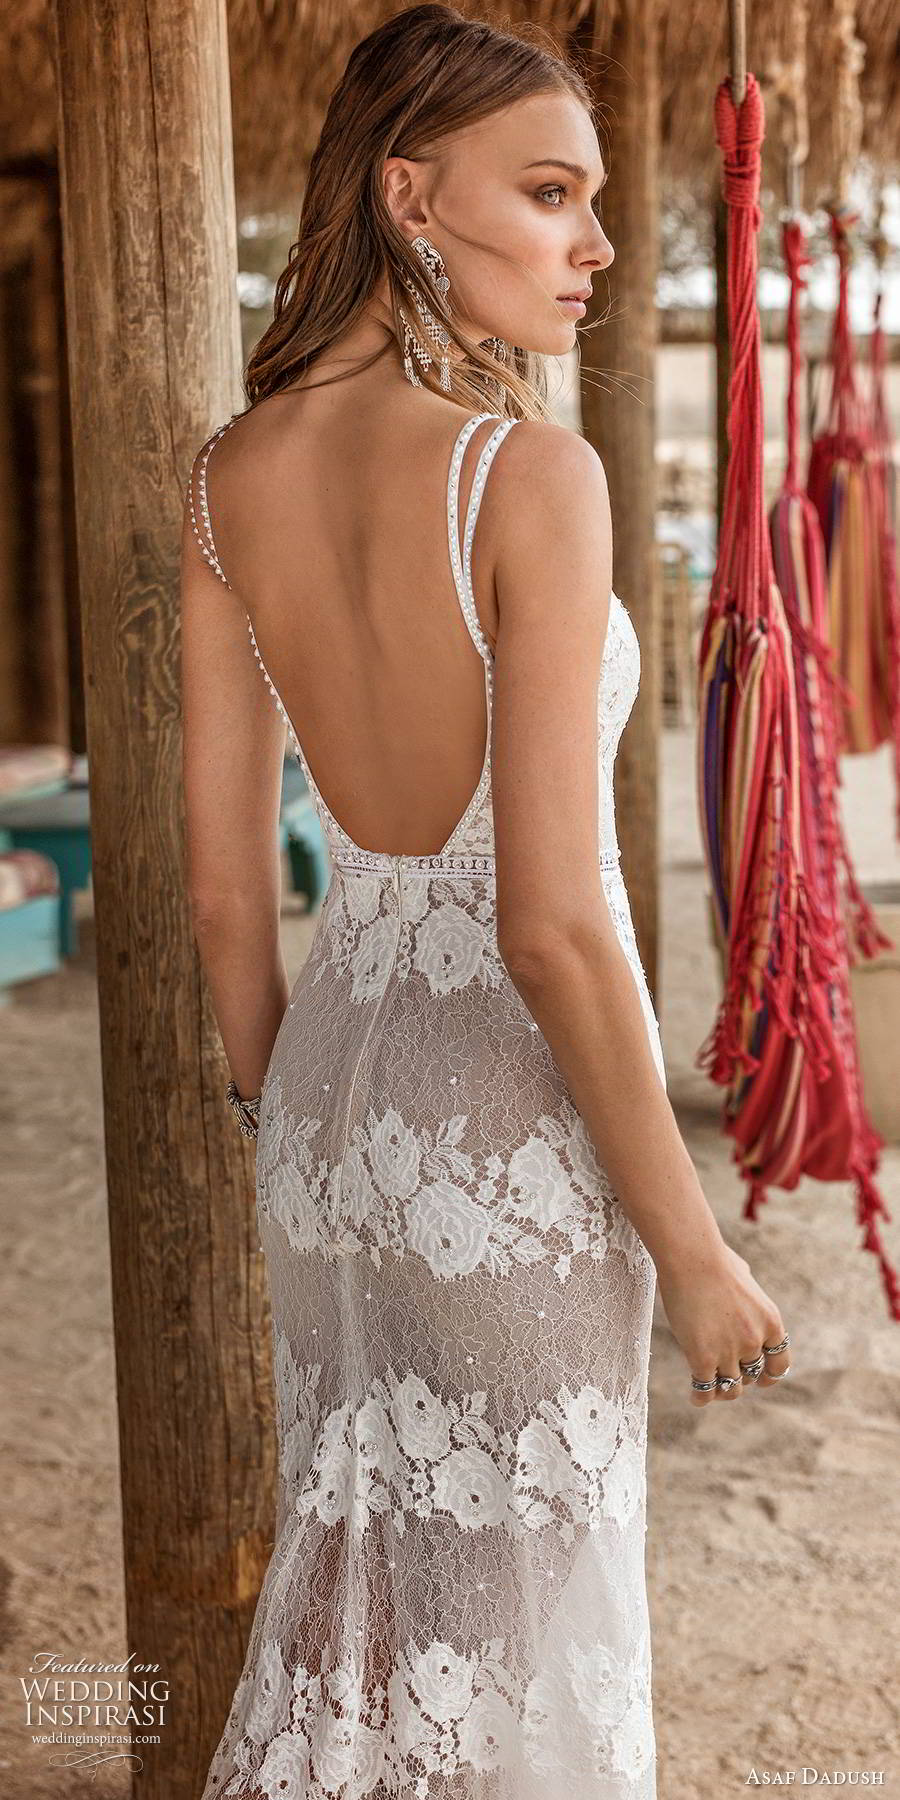 asaf dadush 2019 bridal sleeveless thin straps sweetheart neckline fully embellished lace sexy sheath wedding dress scoop back (2) zbv